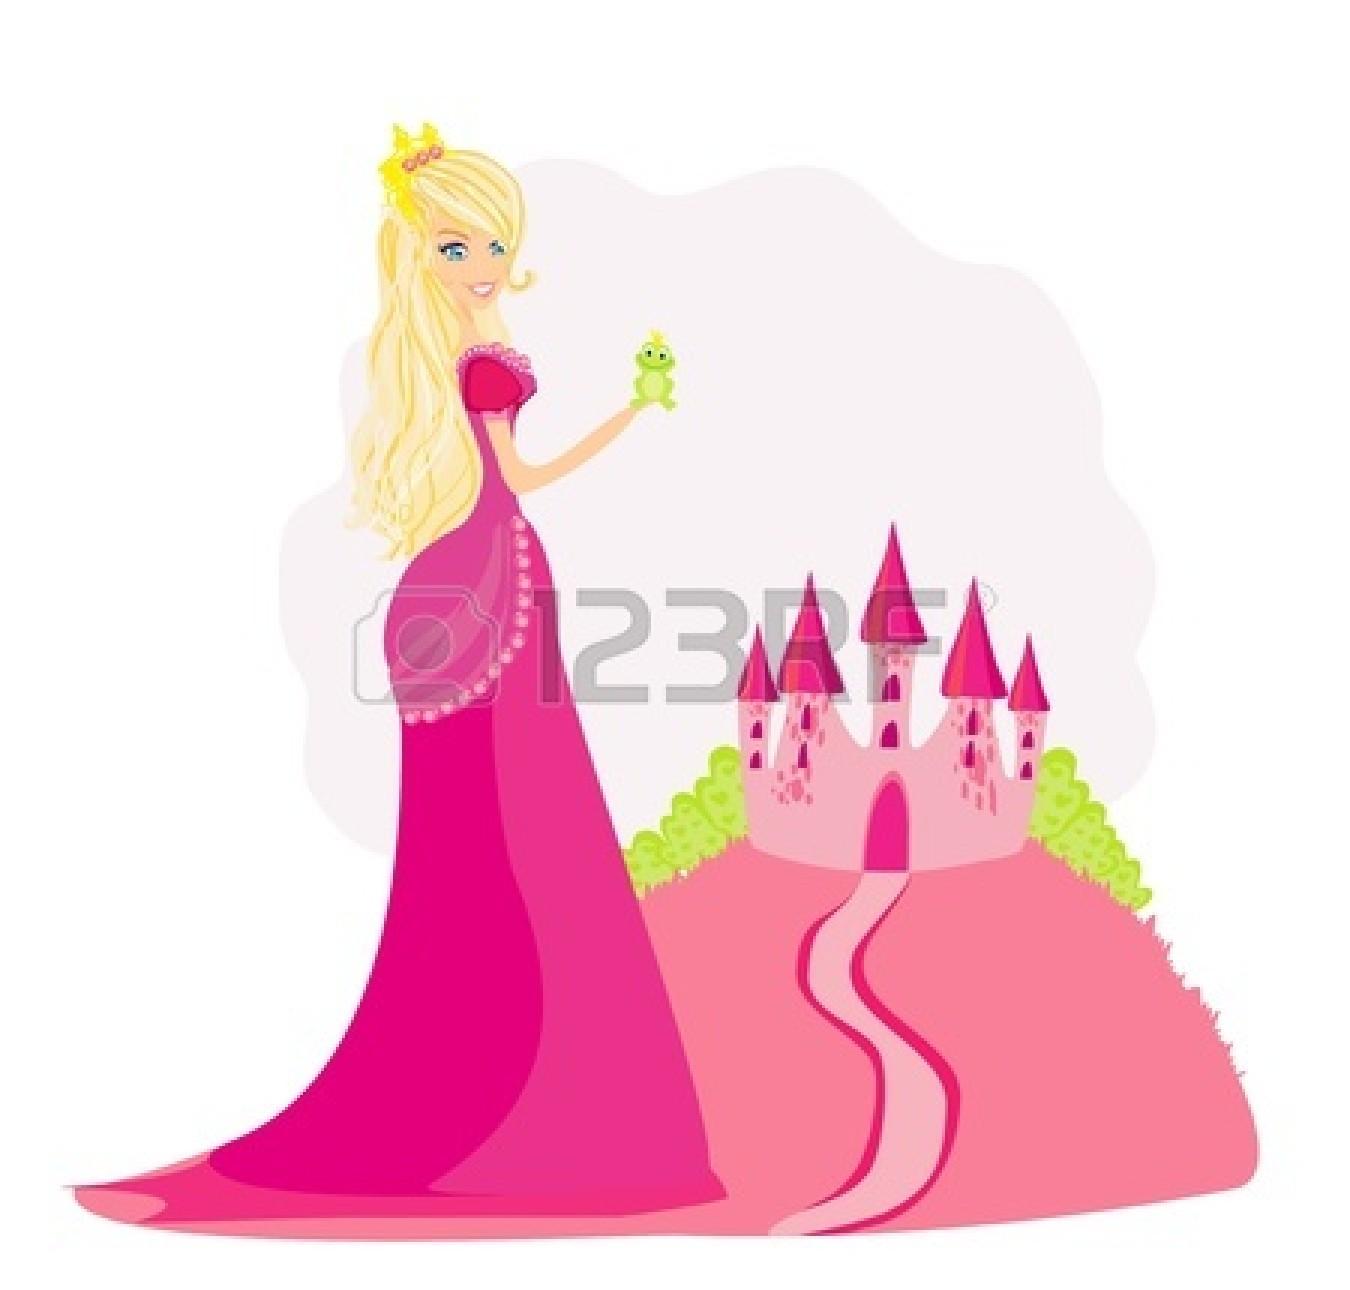 1350x1290 Princess Castle Clip Art Fairy Princess Castle Clipart 1